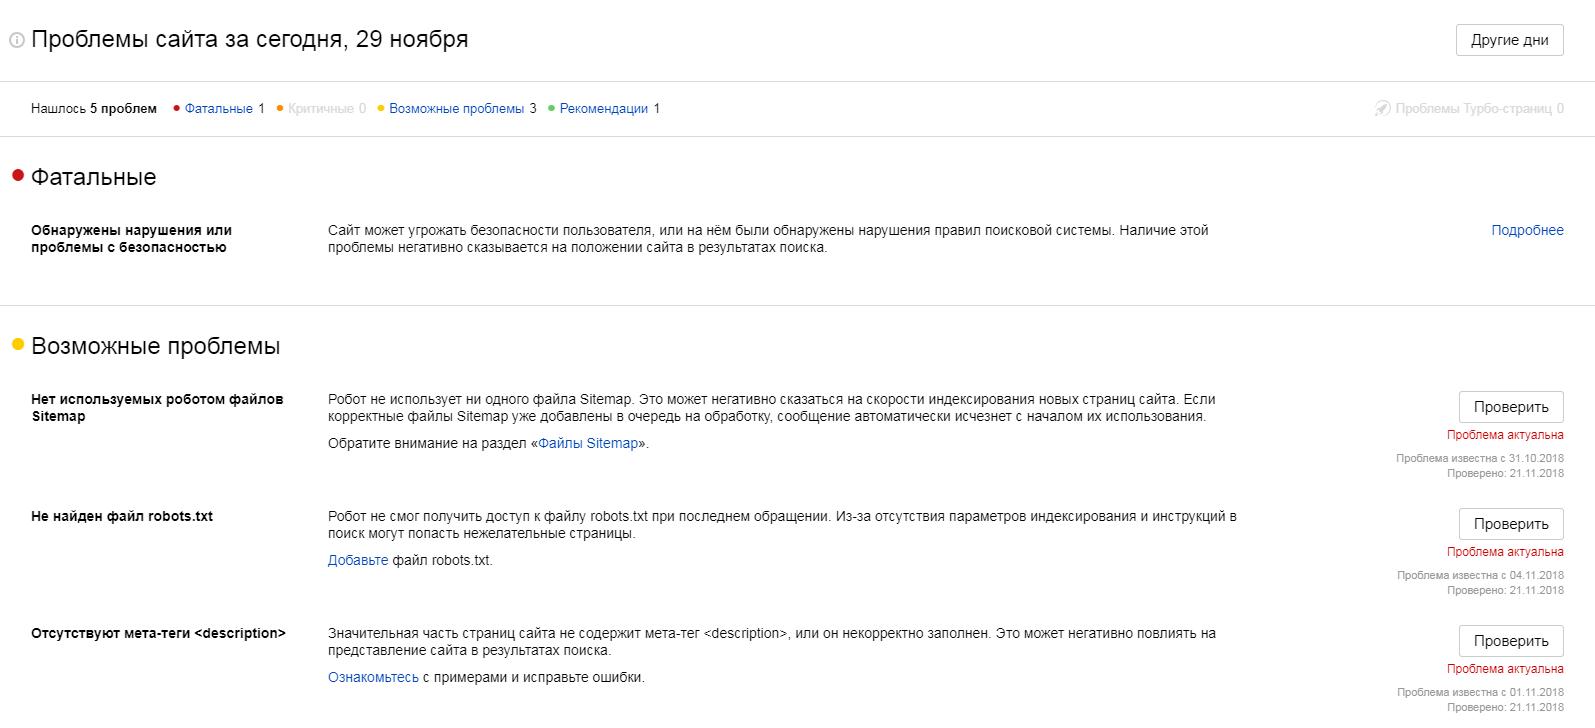 Проблемы сайта в сервисе Вебмастер Яндекс